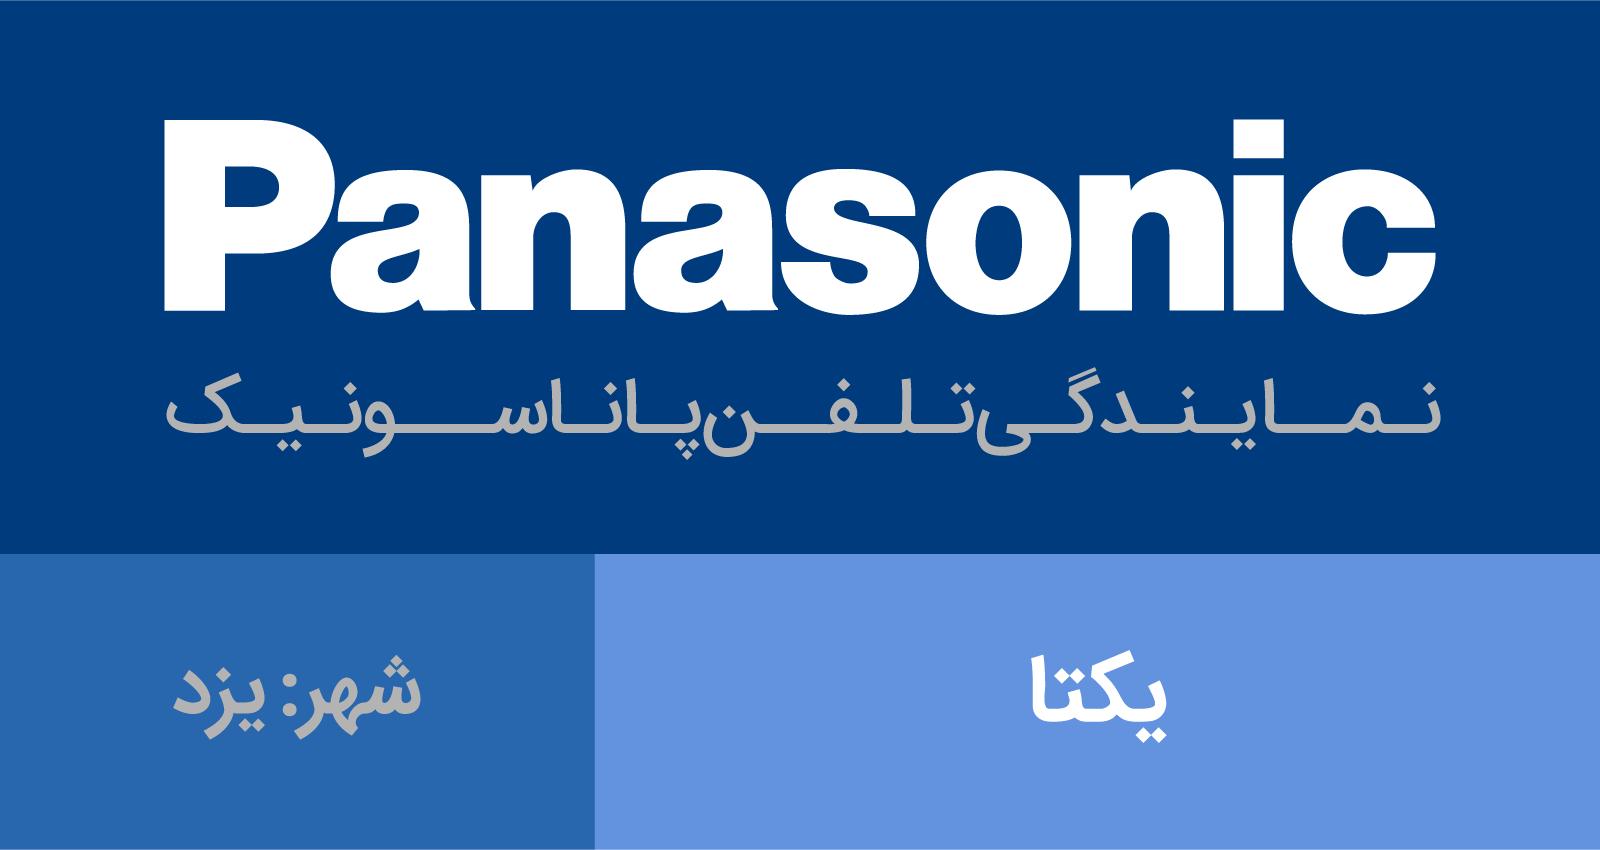 نمایندگی پاناسونیک یزد - یکتا